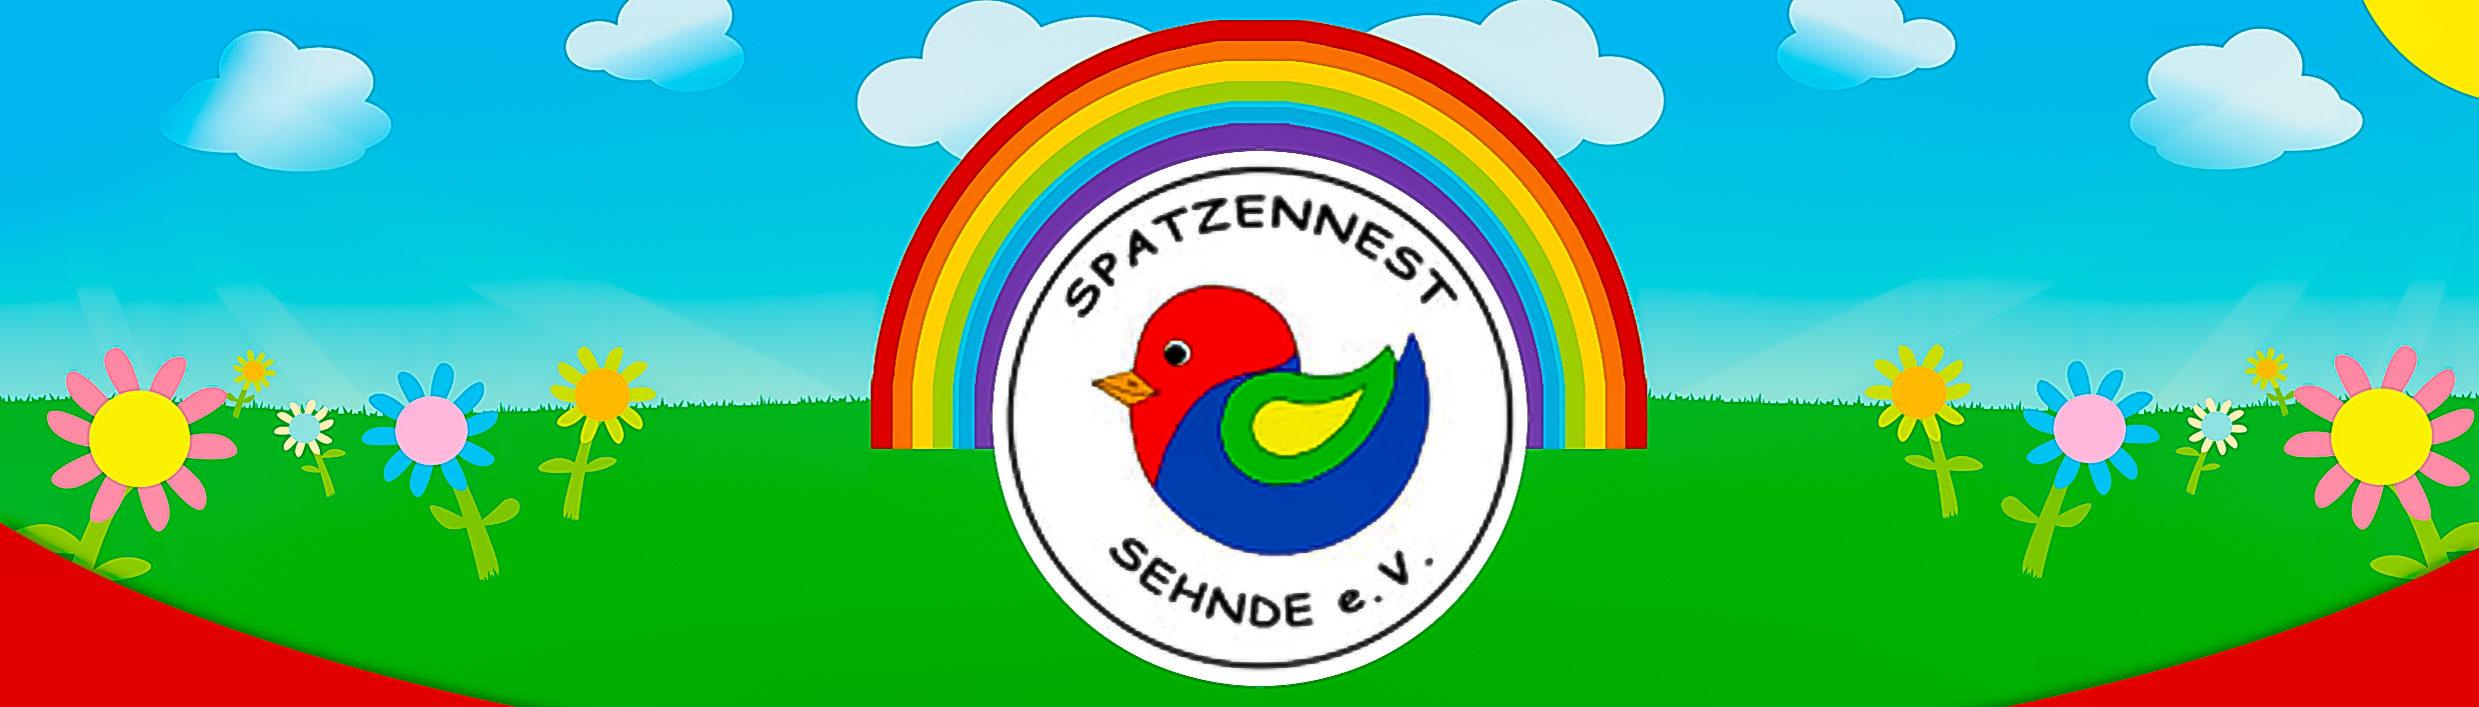 Spatzennest Sehnde e.V.